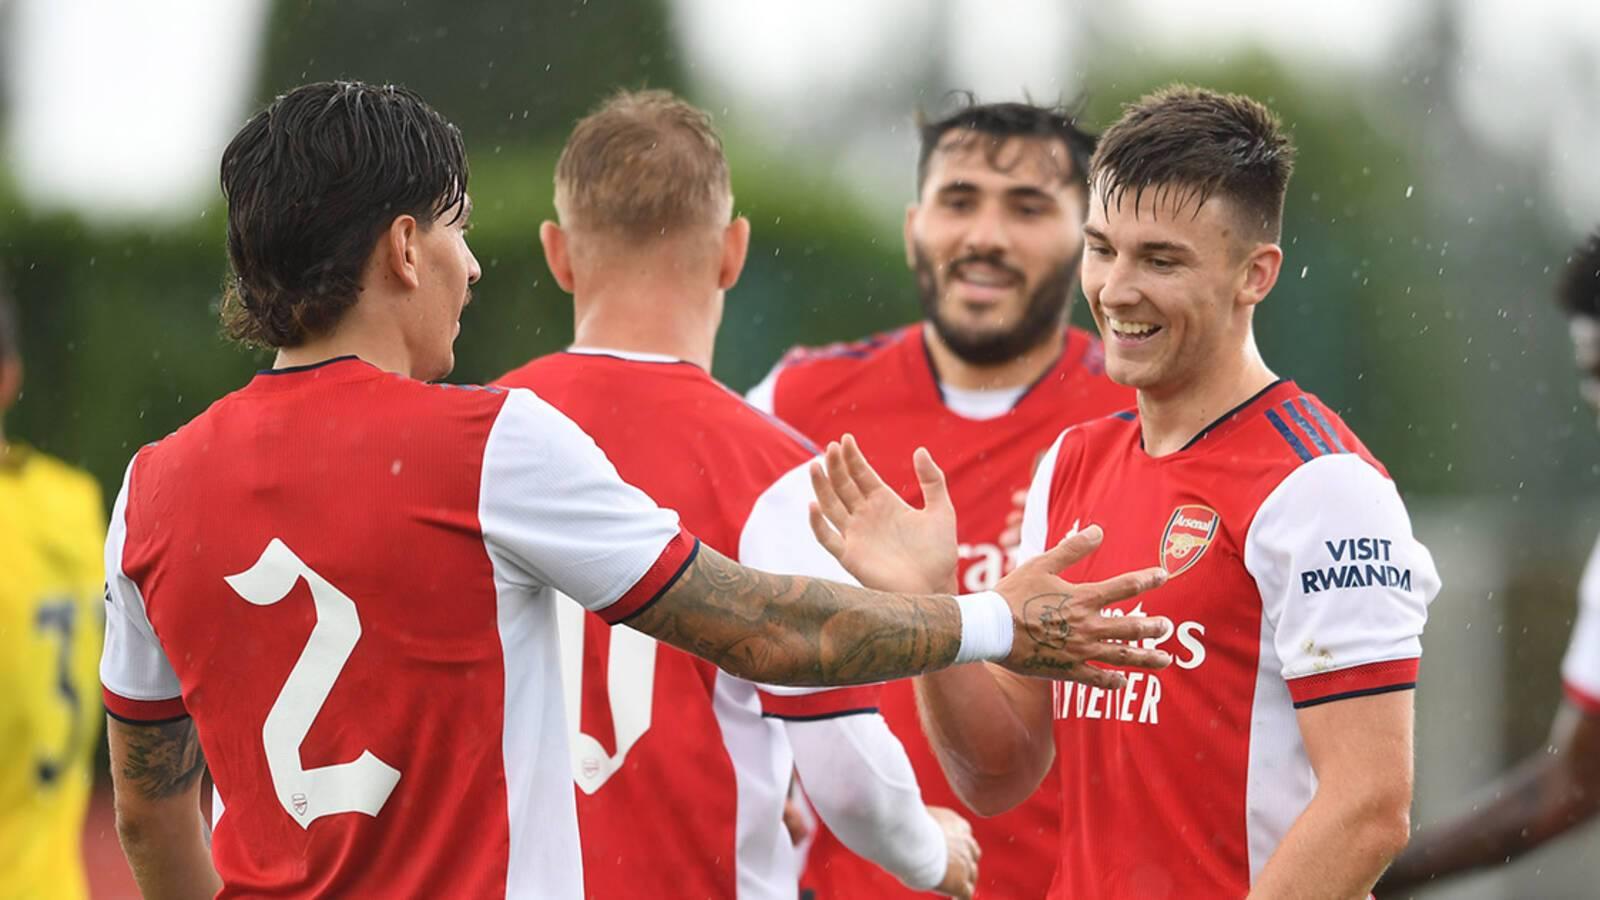 Match report: Arsenal 4-1 Watford